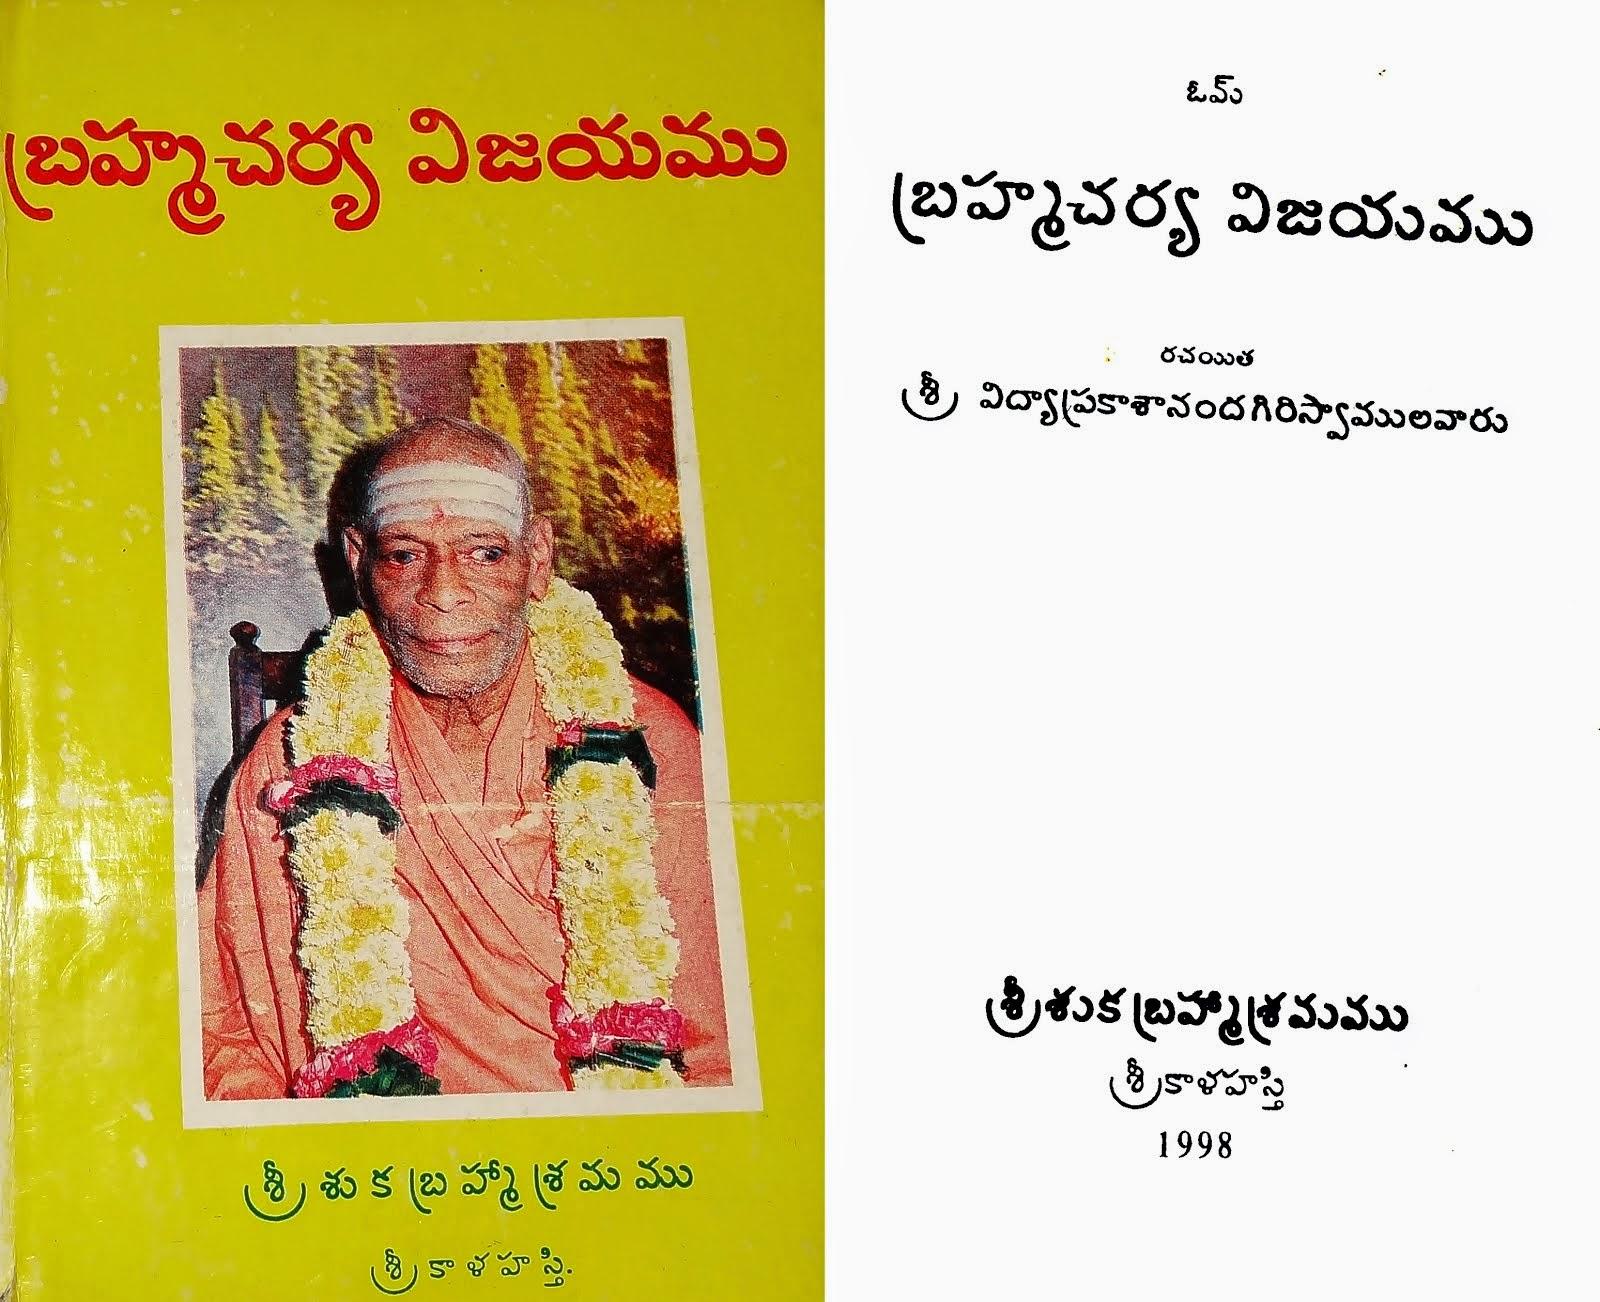 బ్రహ్మచర్య విజయము- స్వామి విద్యాప్రకాశానందగిరి